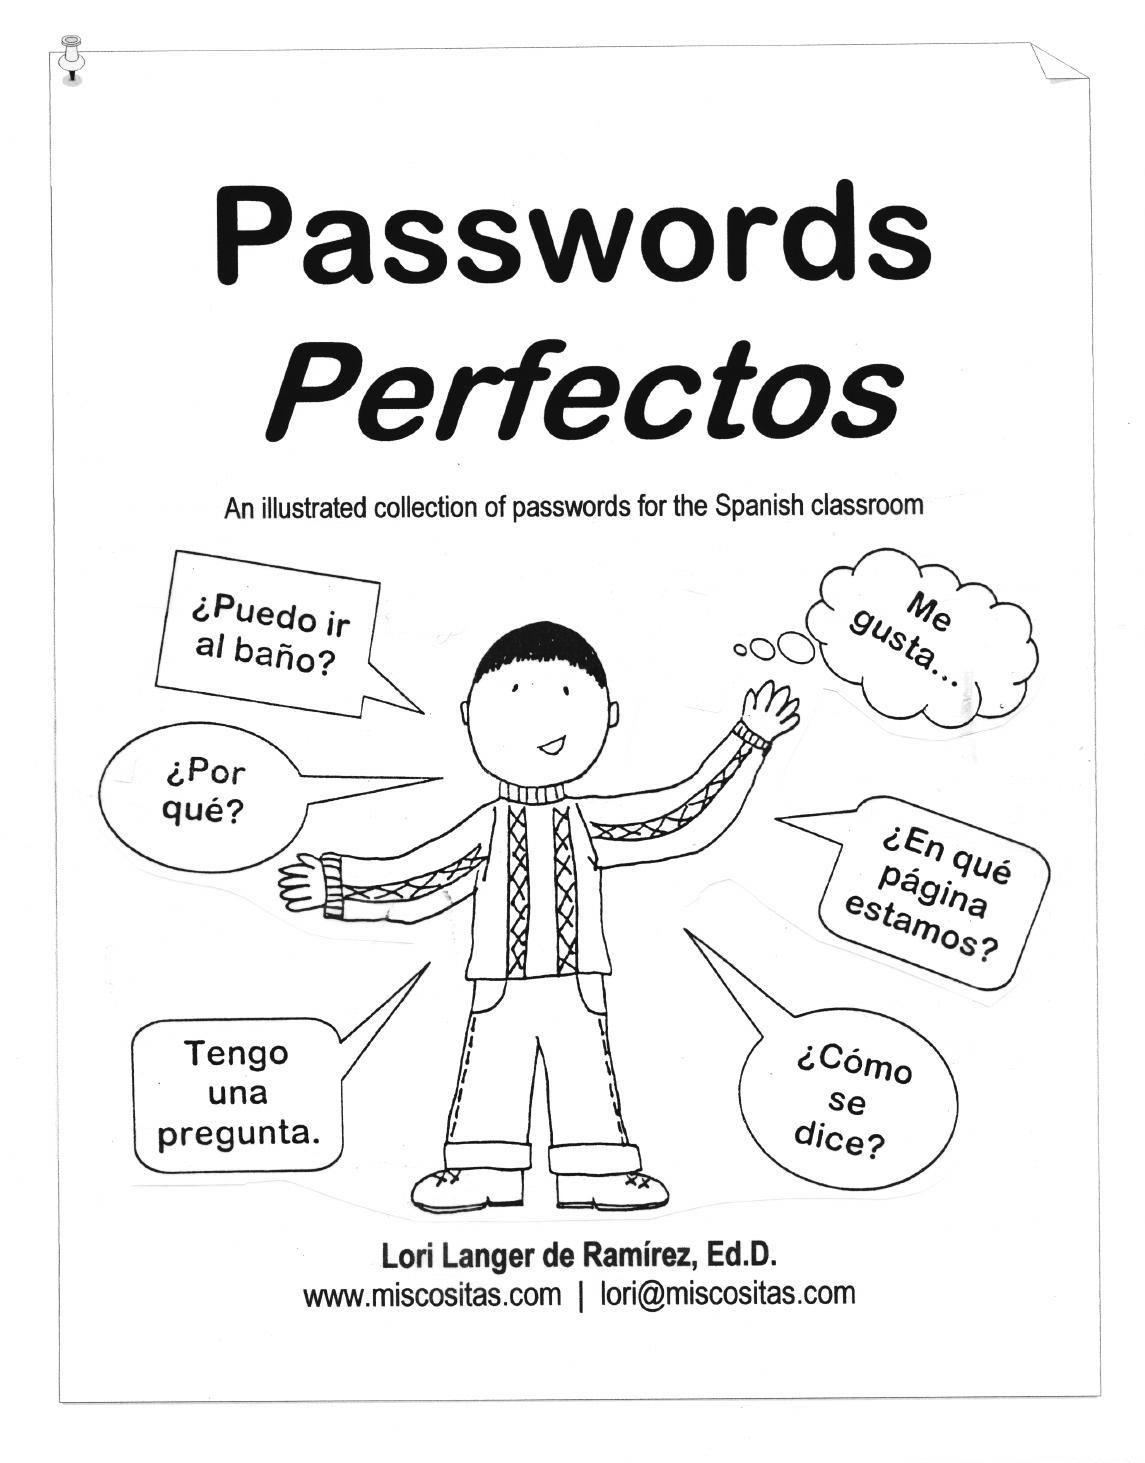 MisCositas.com resource: Passwords perfectos (SPANISH